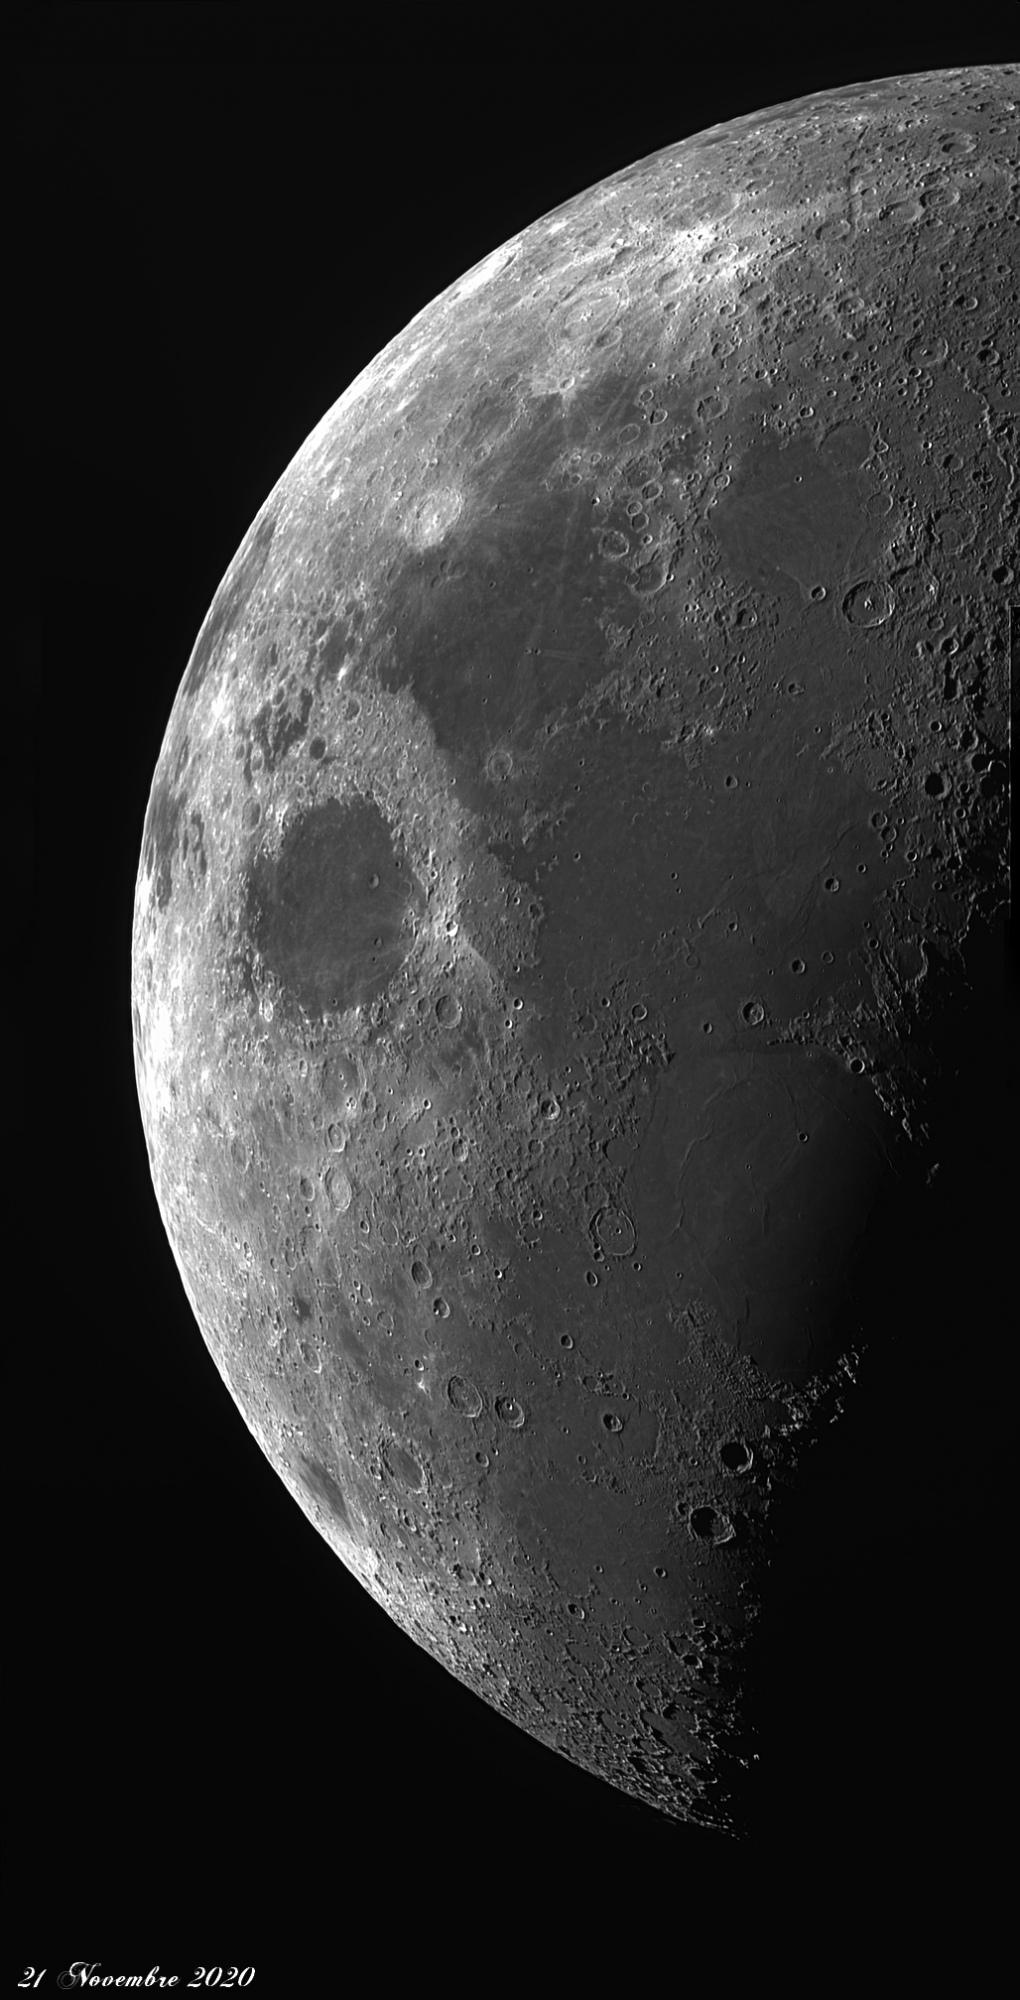 lune21nov.thumb.jpg.10a316d97261dd9b82441c4314b830d1.jpg